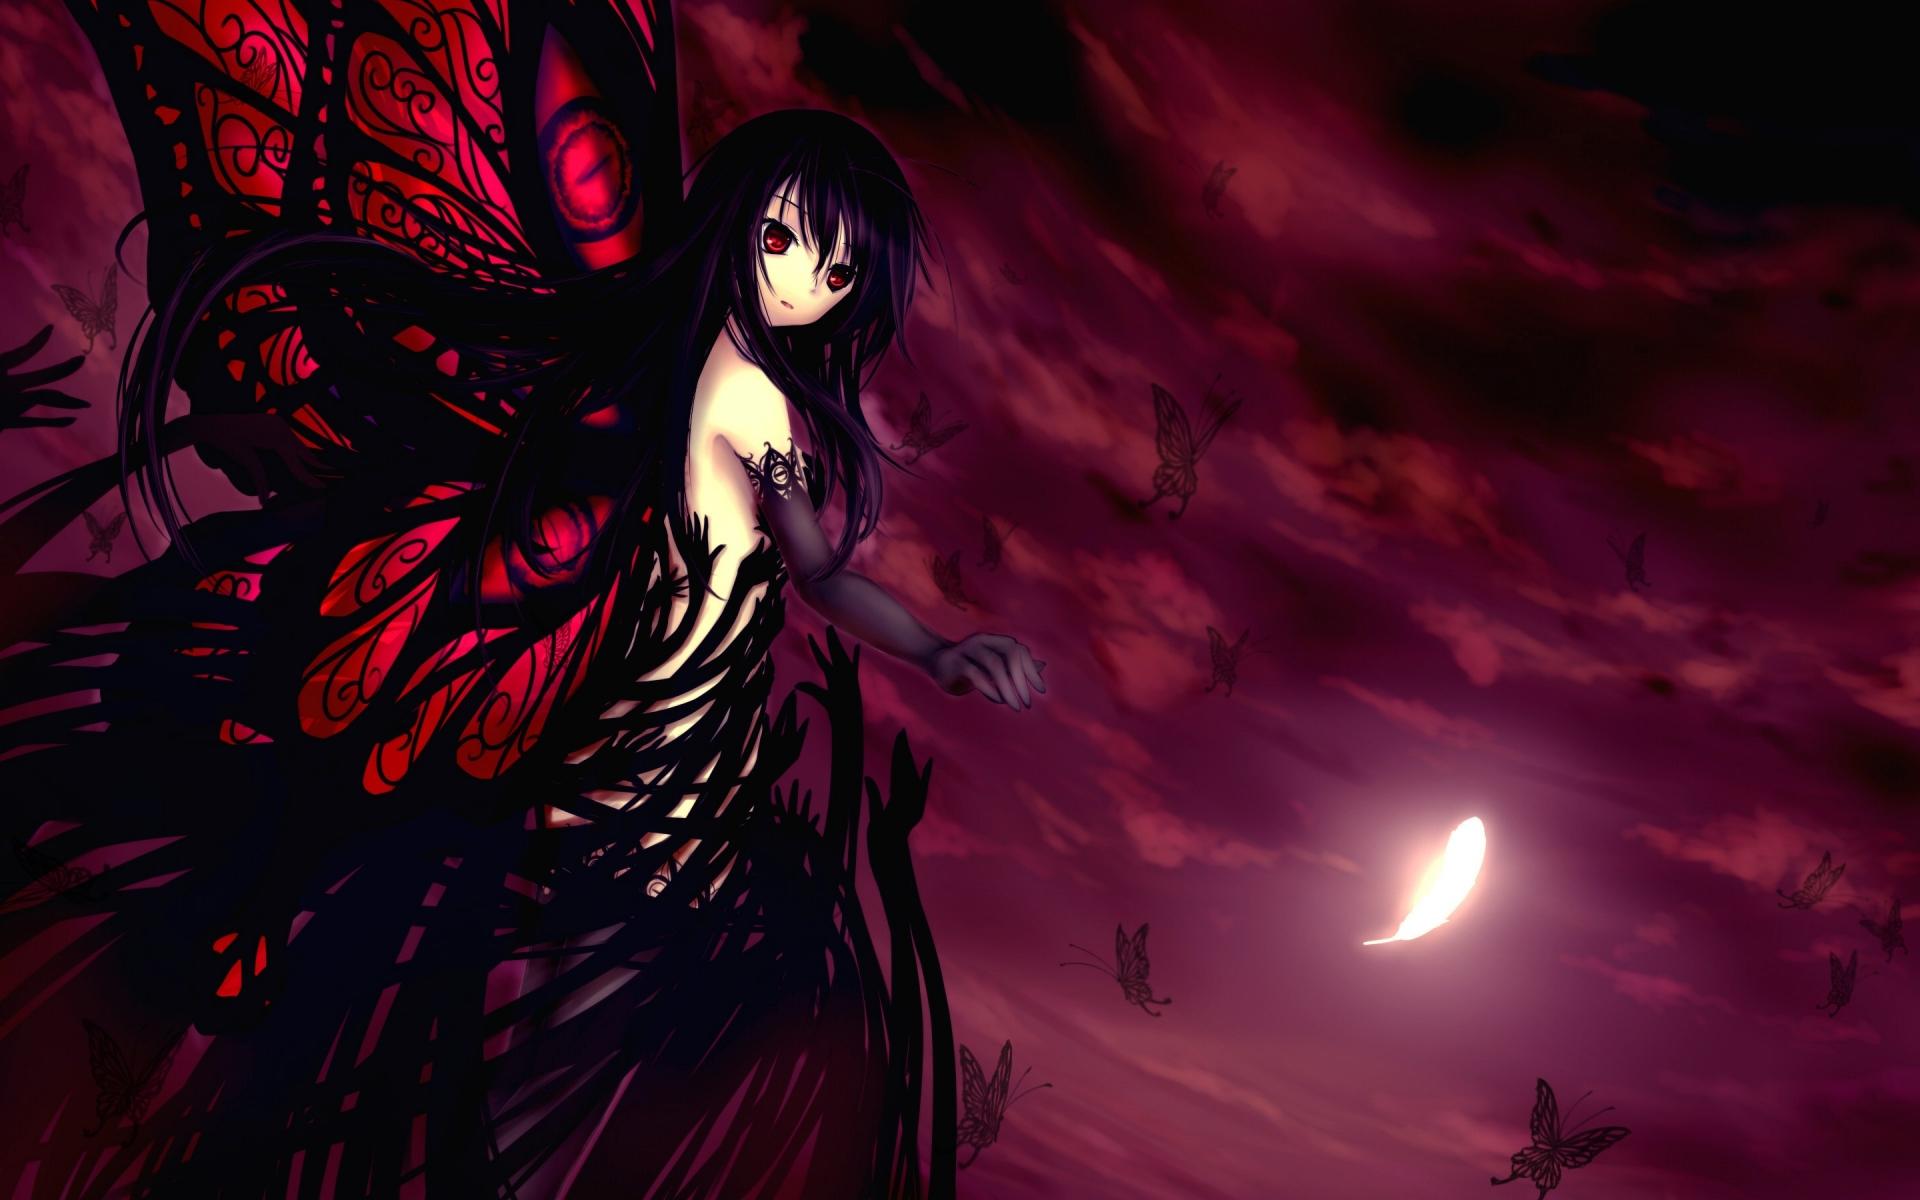 Самые красивые картинки аниме, надписями